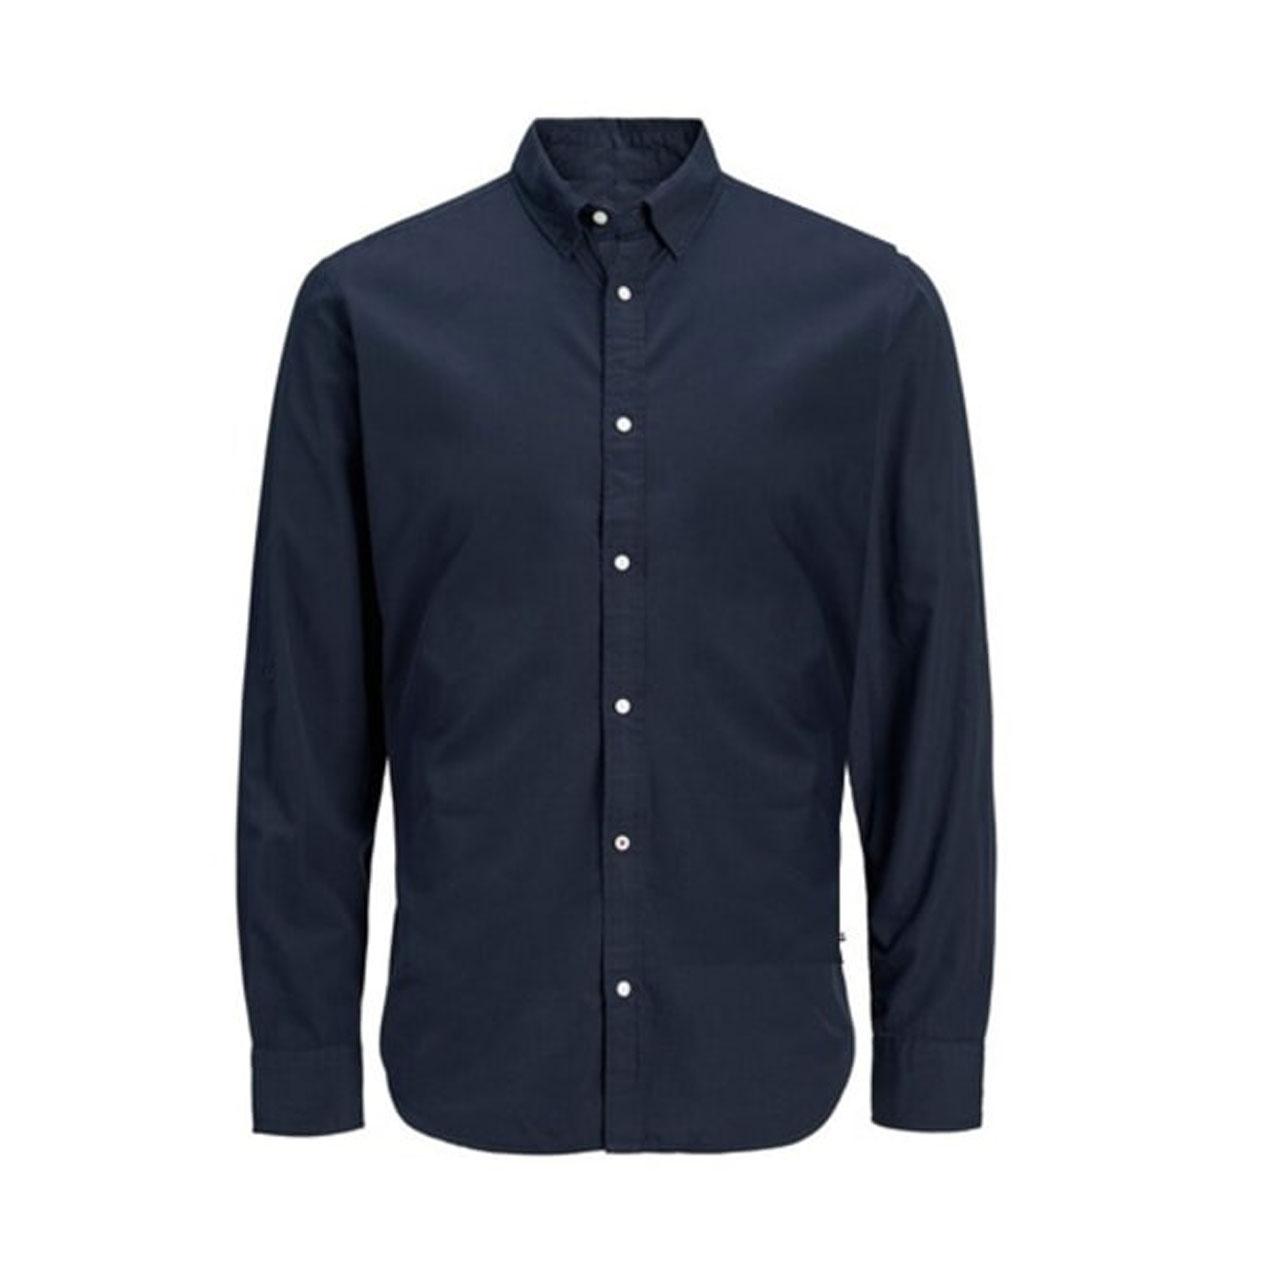 پیراهن آستین بلند مردانه جک اند جونز مدل f10man